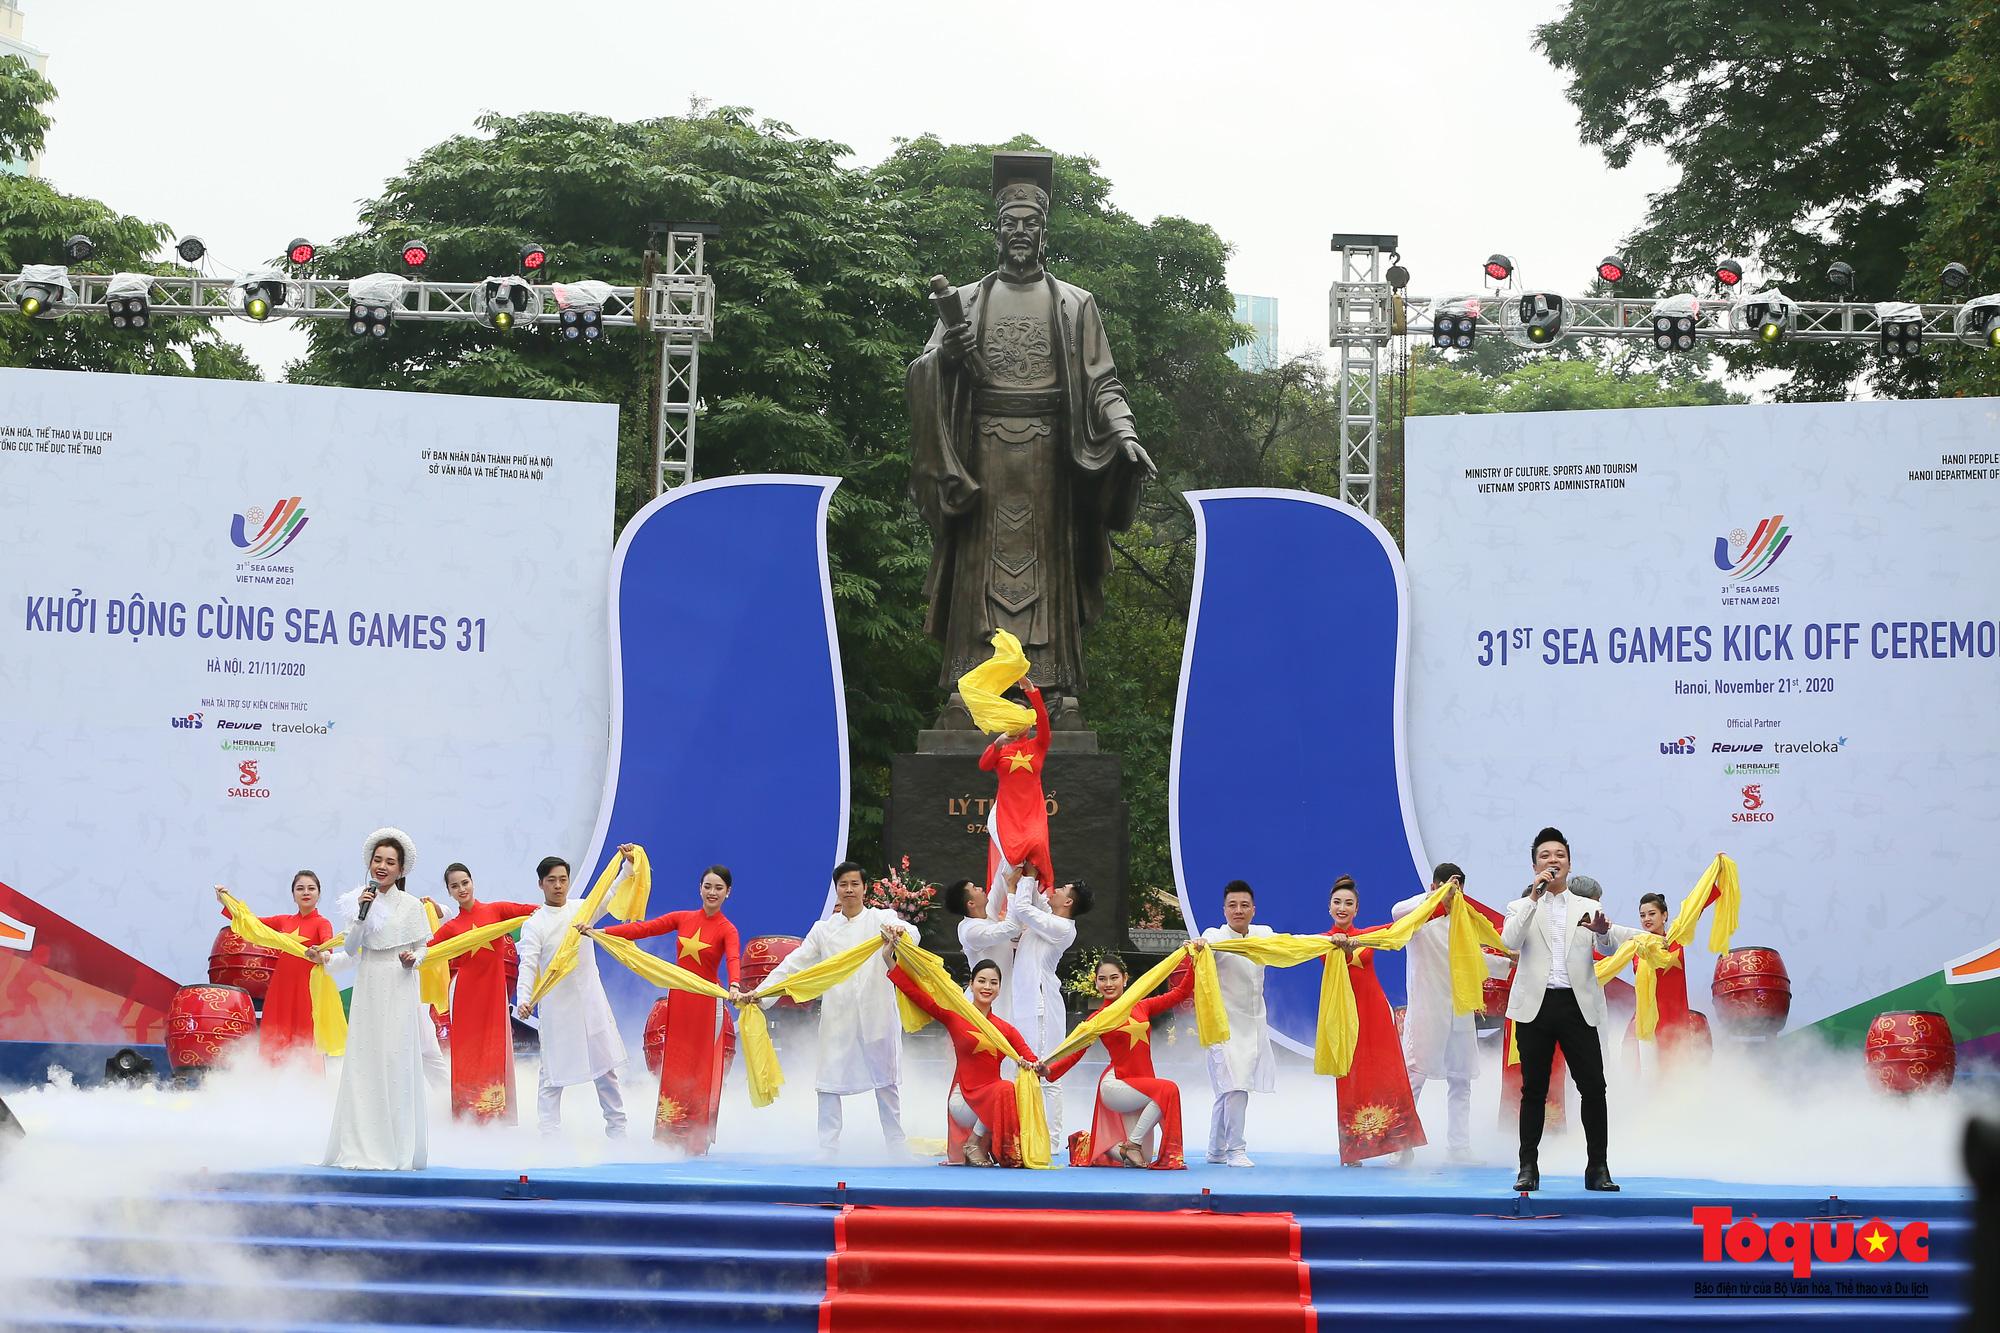 Khởi động cùng SEA Games 31 - Việt Nam sẵn sàng cho Đại hội thể thao lớn nhất Đông Nam Á  - Ảnh 1.